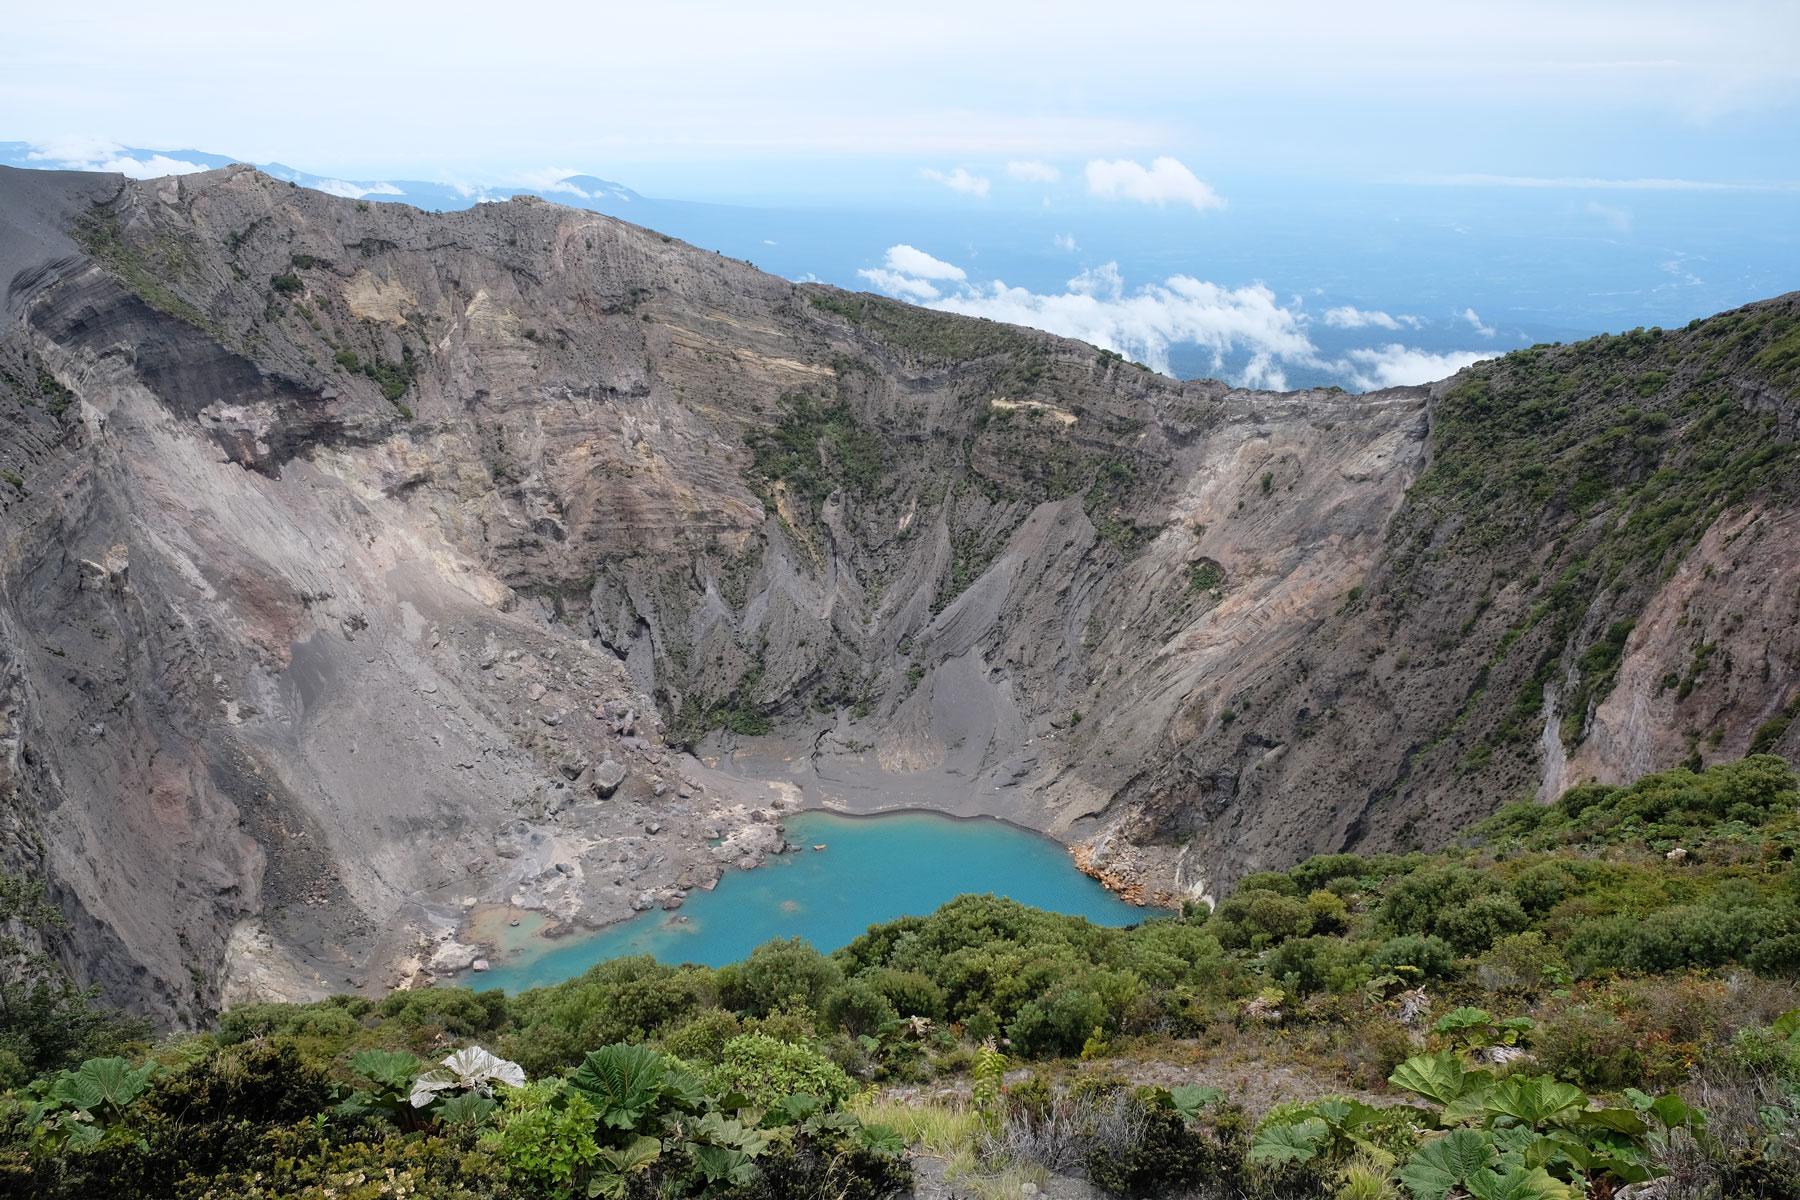 Der Kratersee des Vulkans Irazú leuchtet blau.